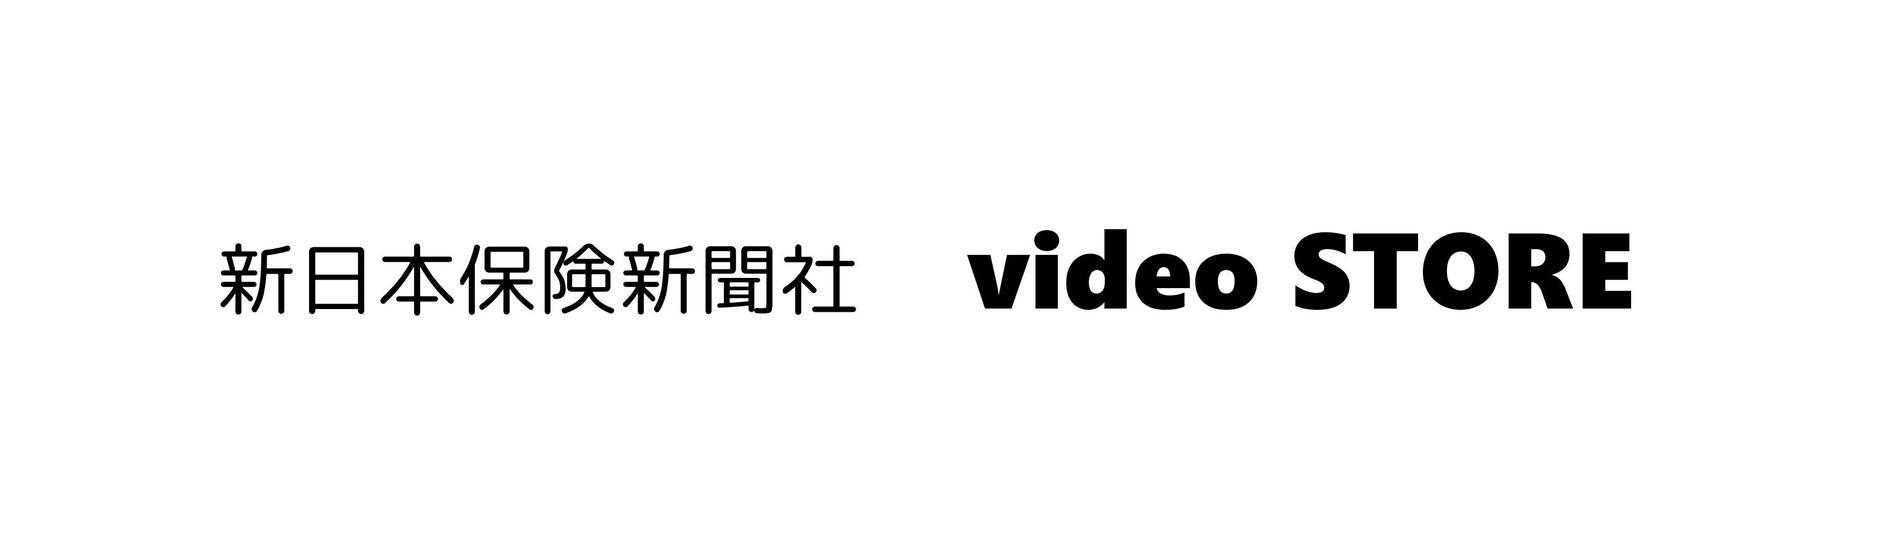 新日本保険新聞社 video STORE